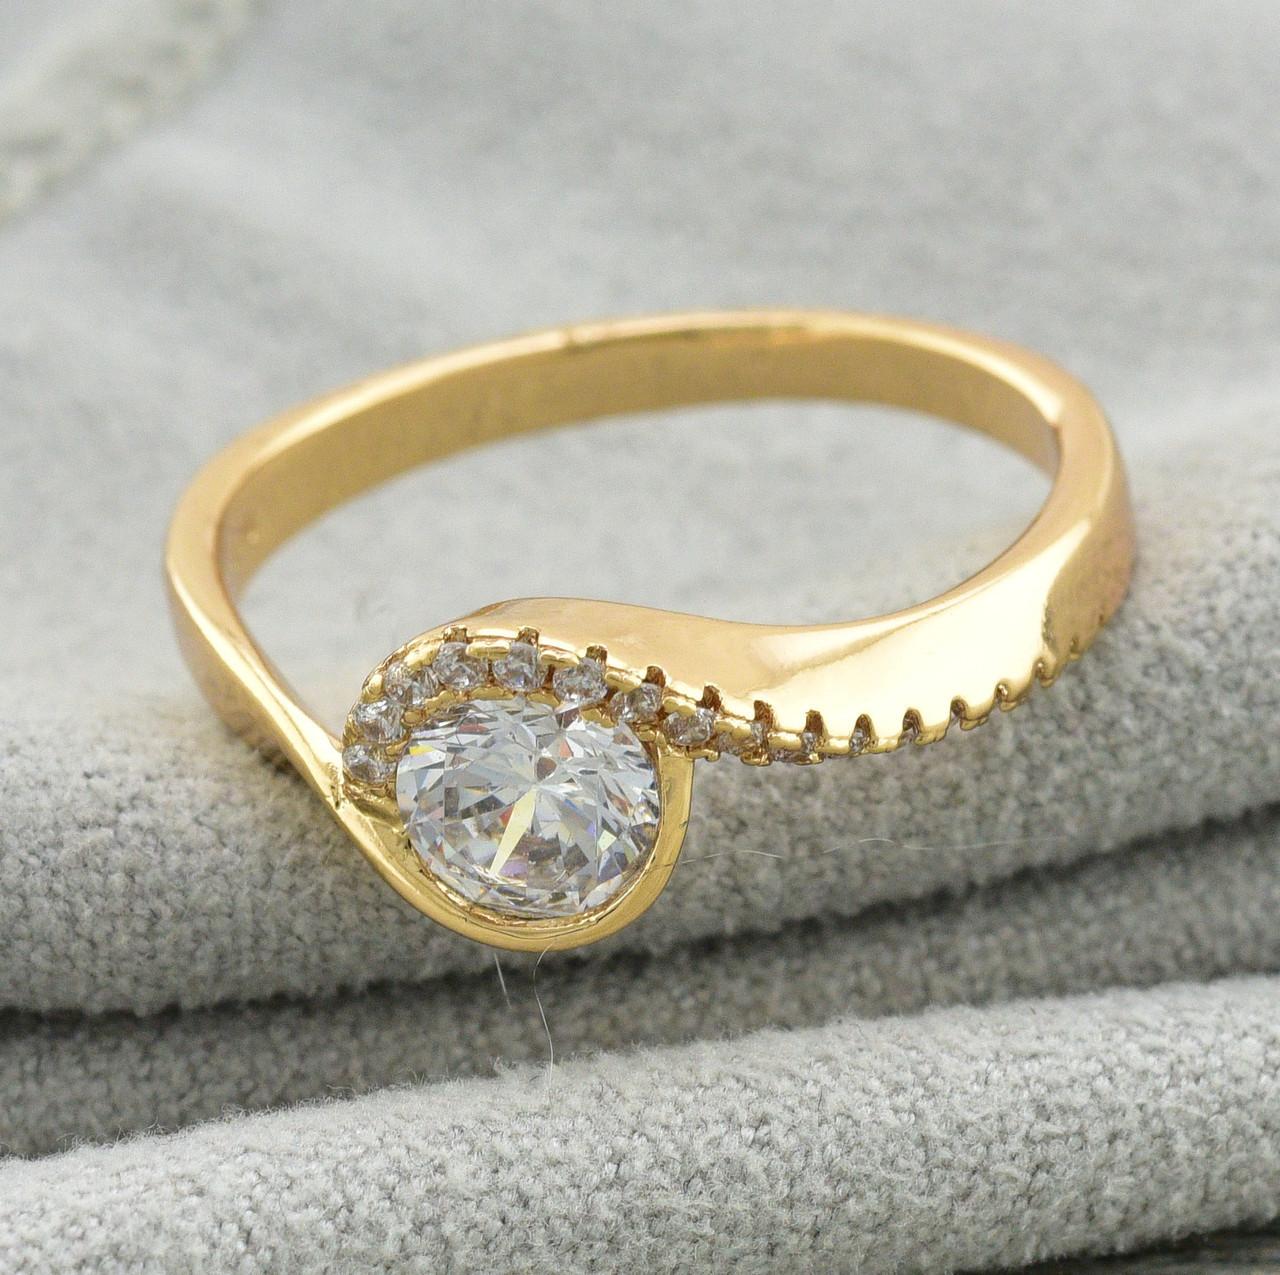 Кольцо Xuping Алмазный завиток 11647 размер 19 ширина 8.2 мм куб. цирконий вес 2.8 г позолота 18К